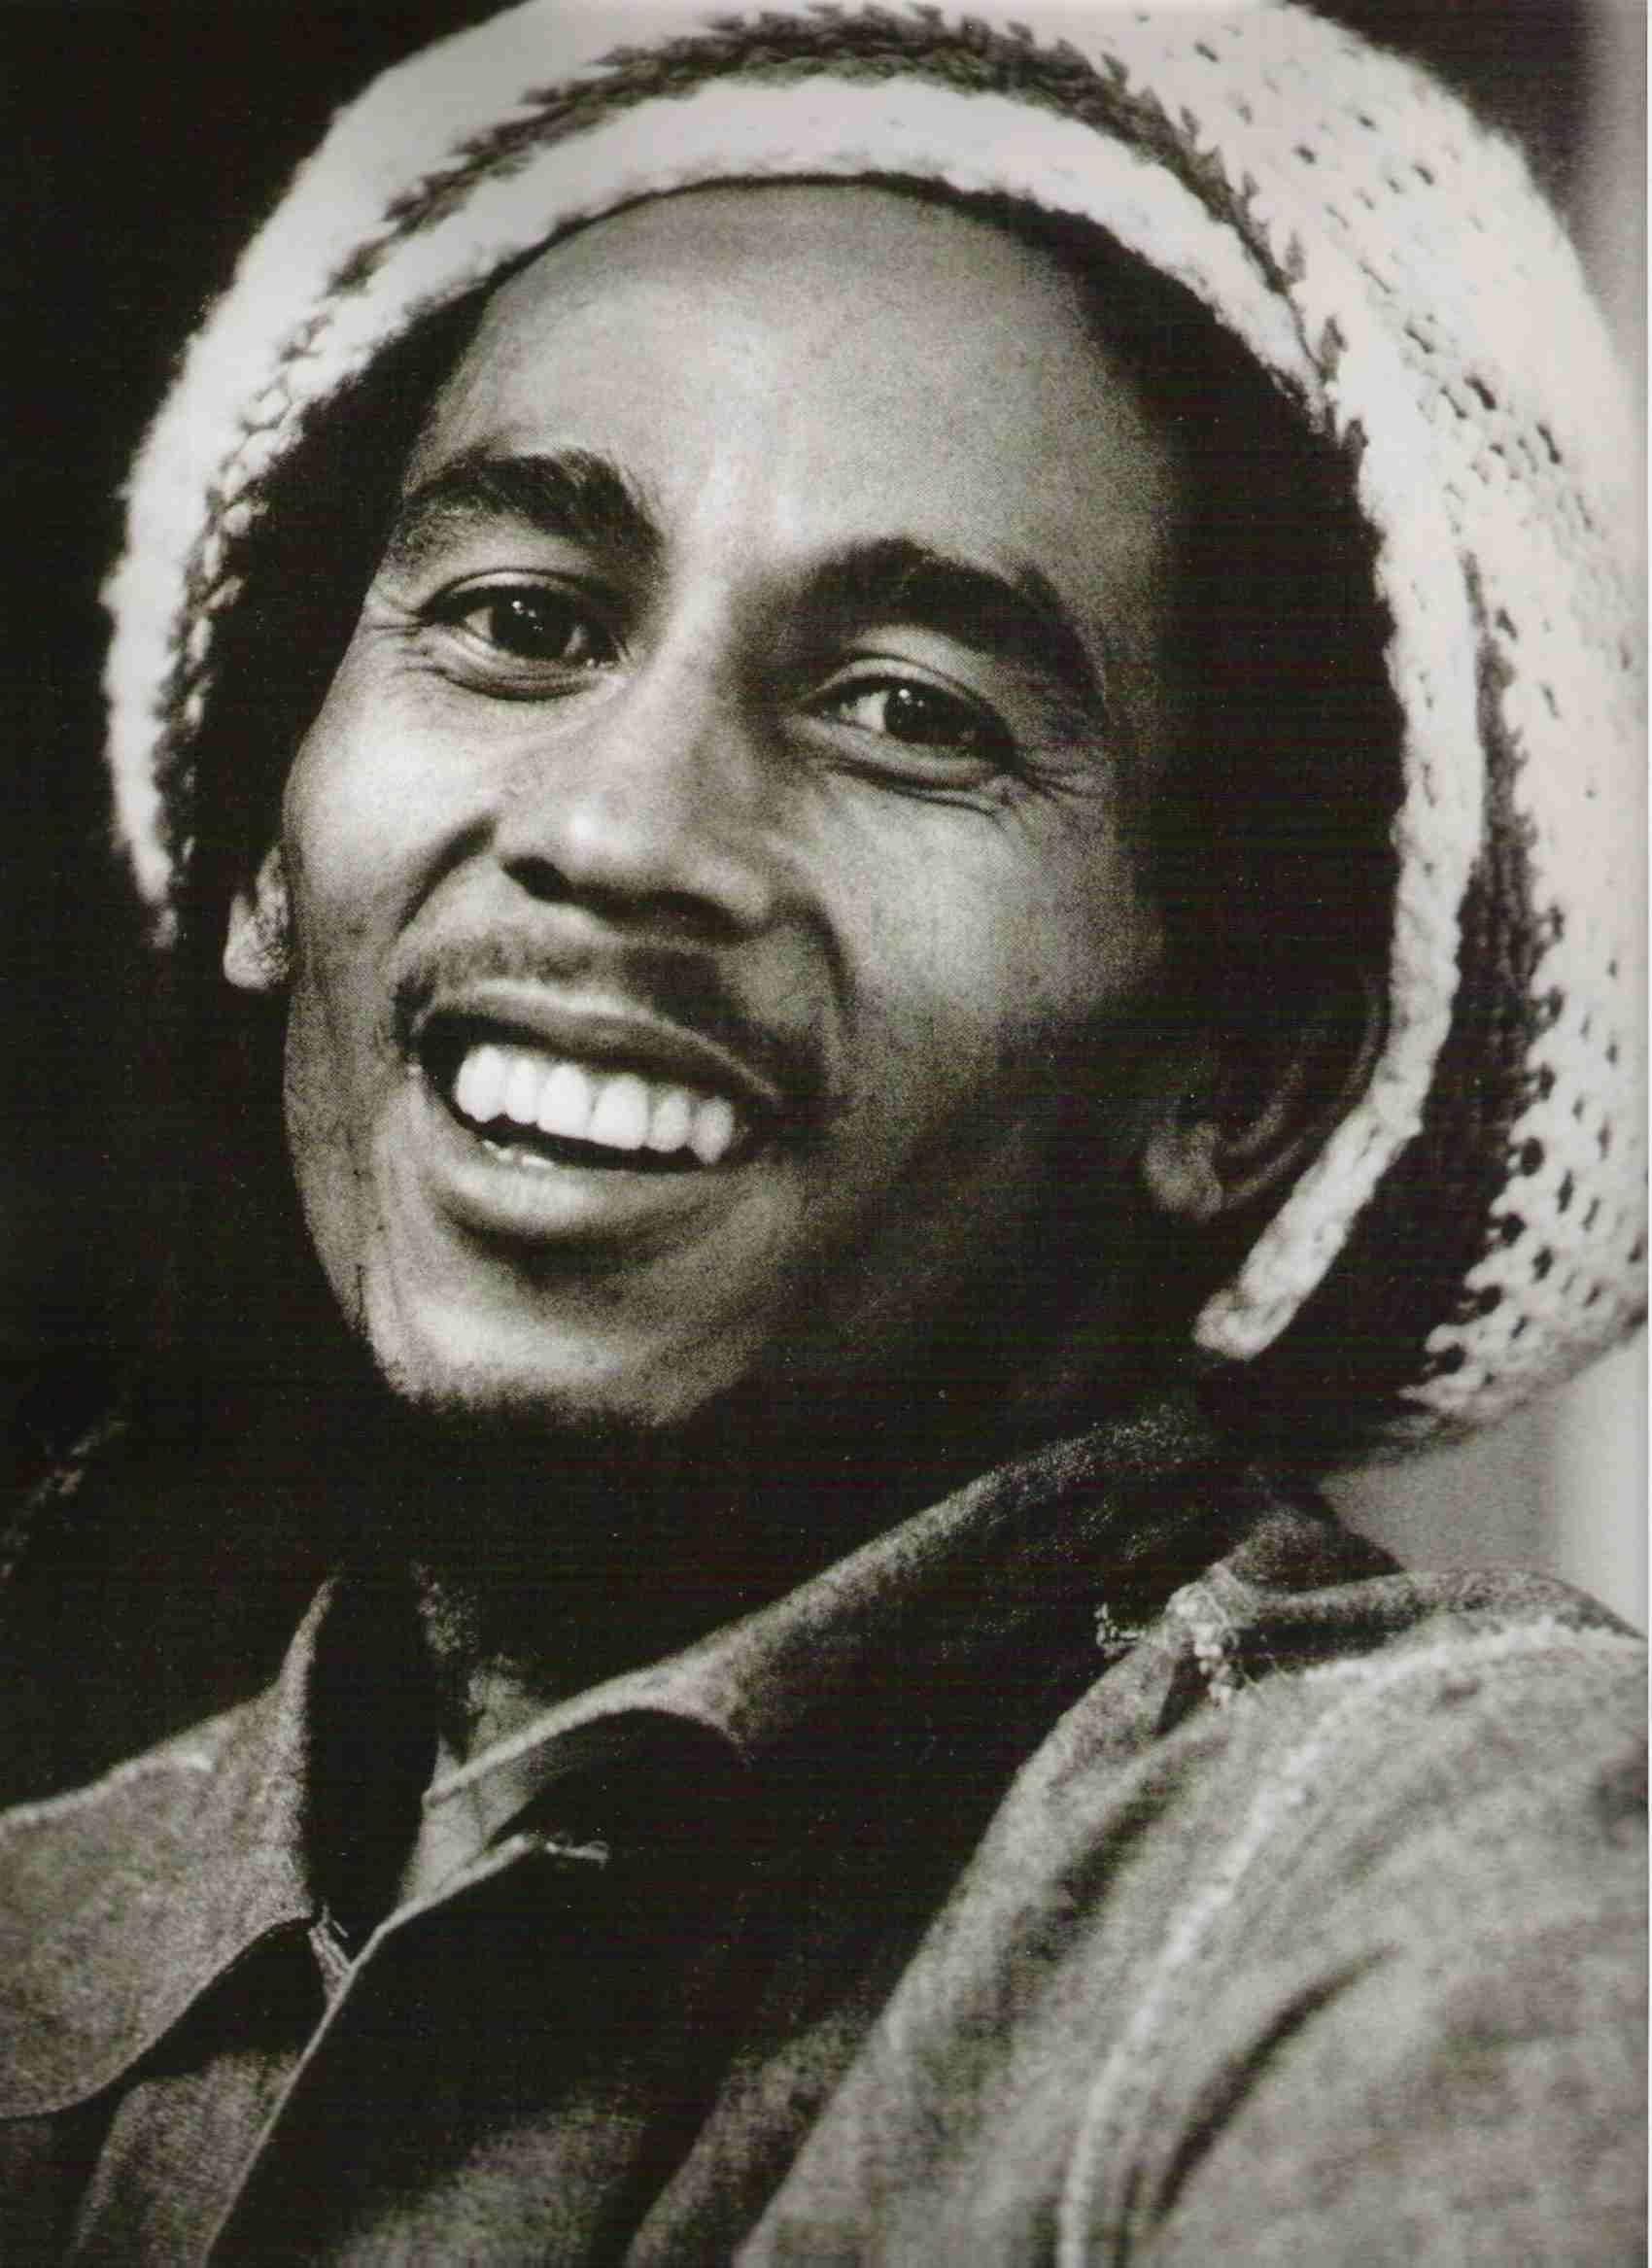 Resultado de imagen de Bob Marley & the Wailers 1979